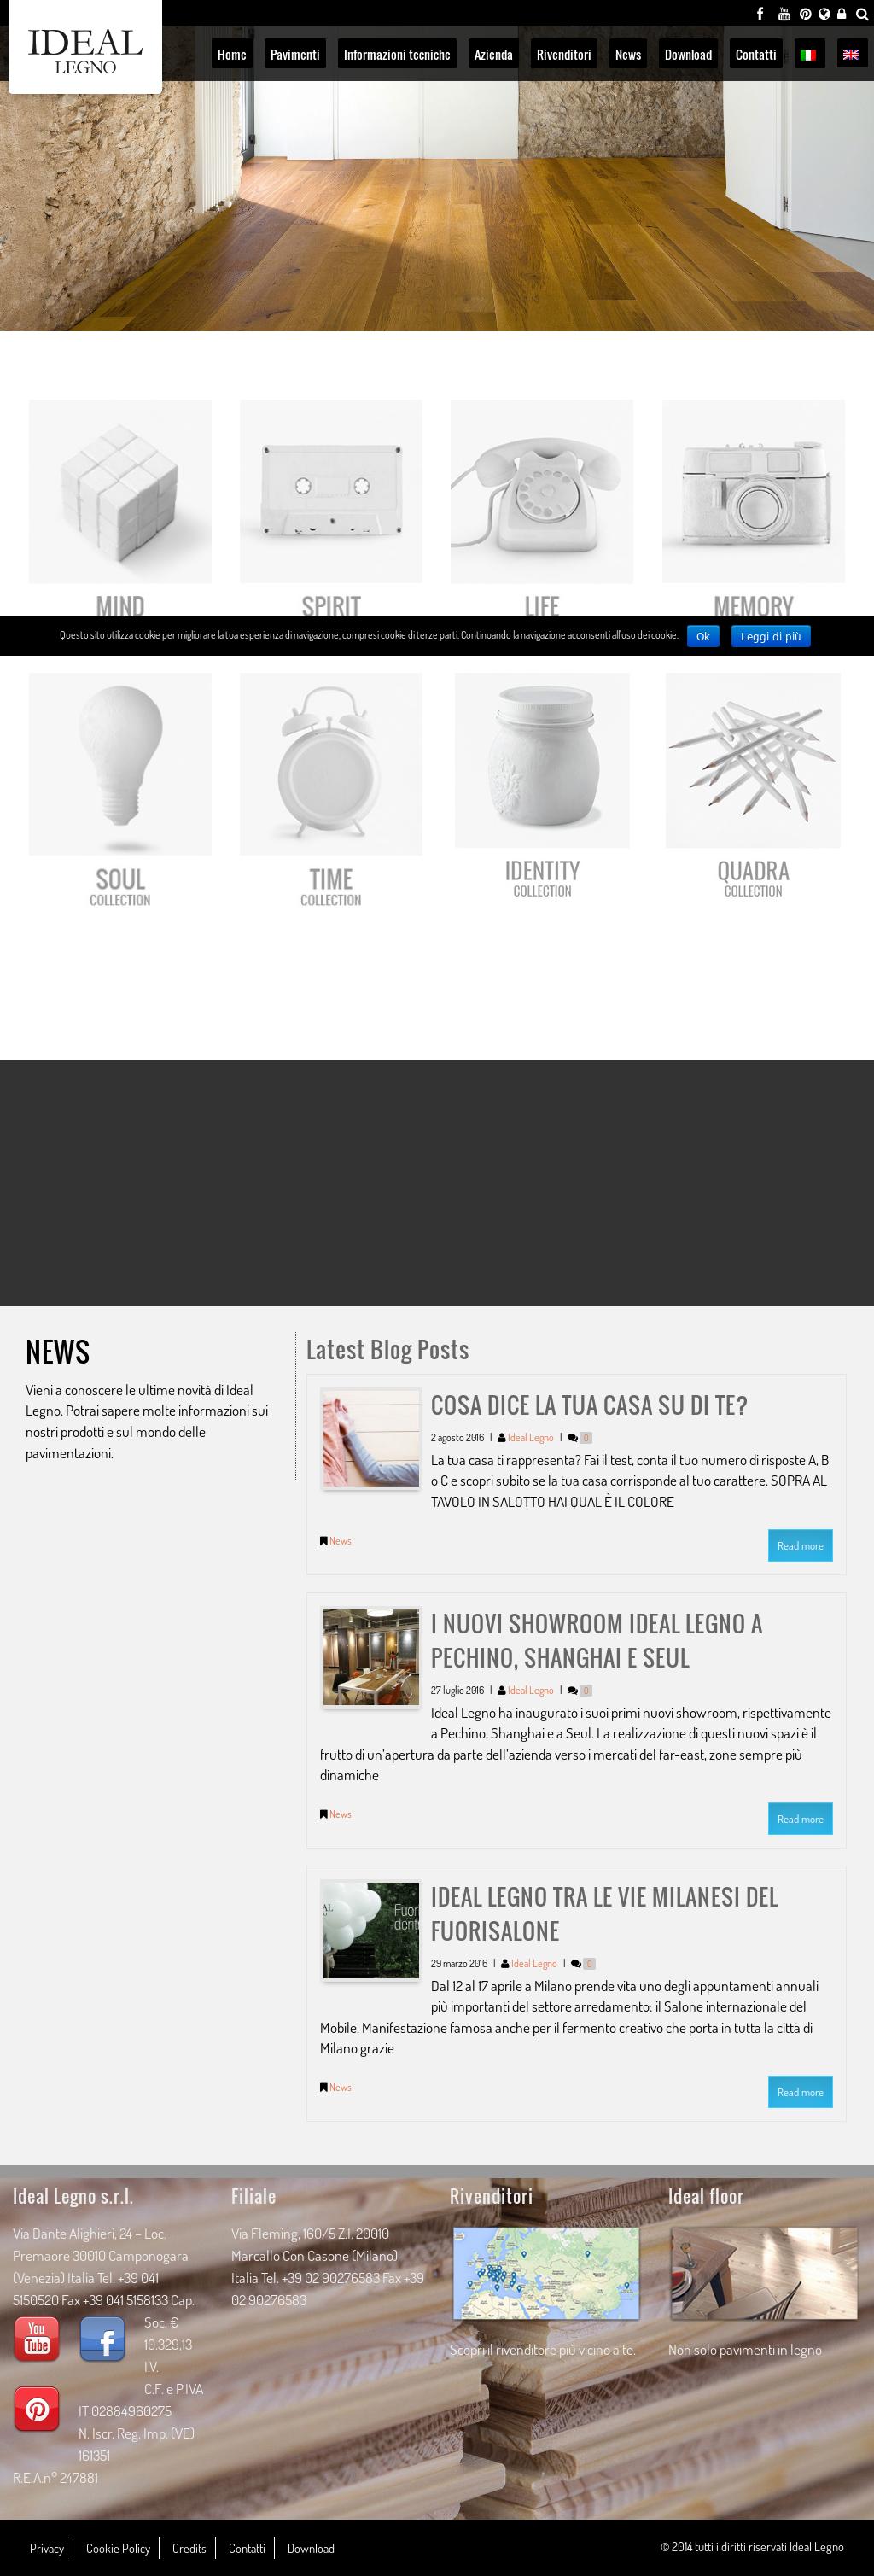 Che Cos È Il Legno ideal legno competitors, revenue and employees - owler